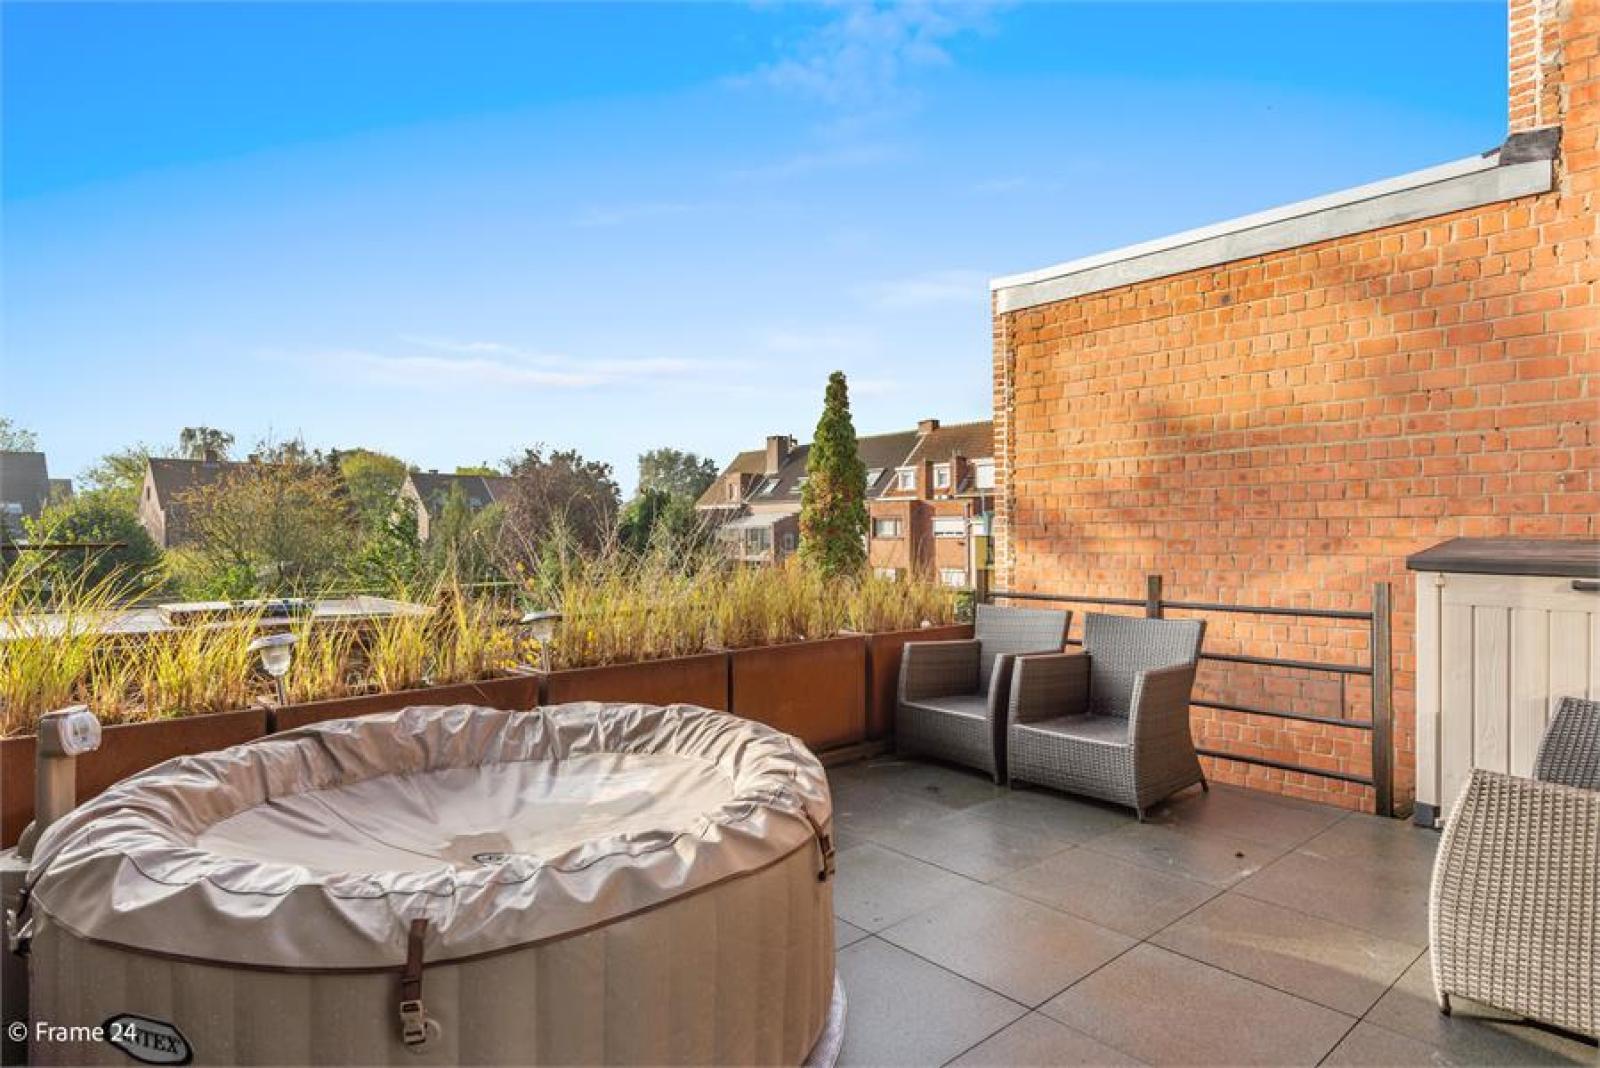 Verzorgde bel-étage met 3 slaapkamers, tuin en garage nabij centrum Wijnegem gelegen. afbeelding 10